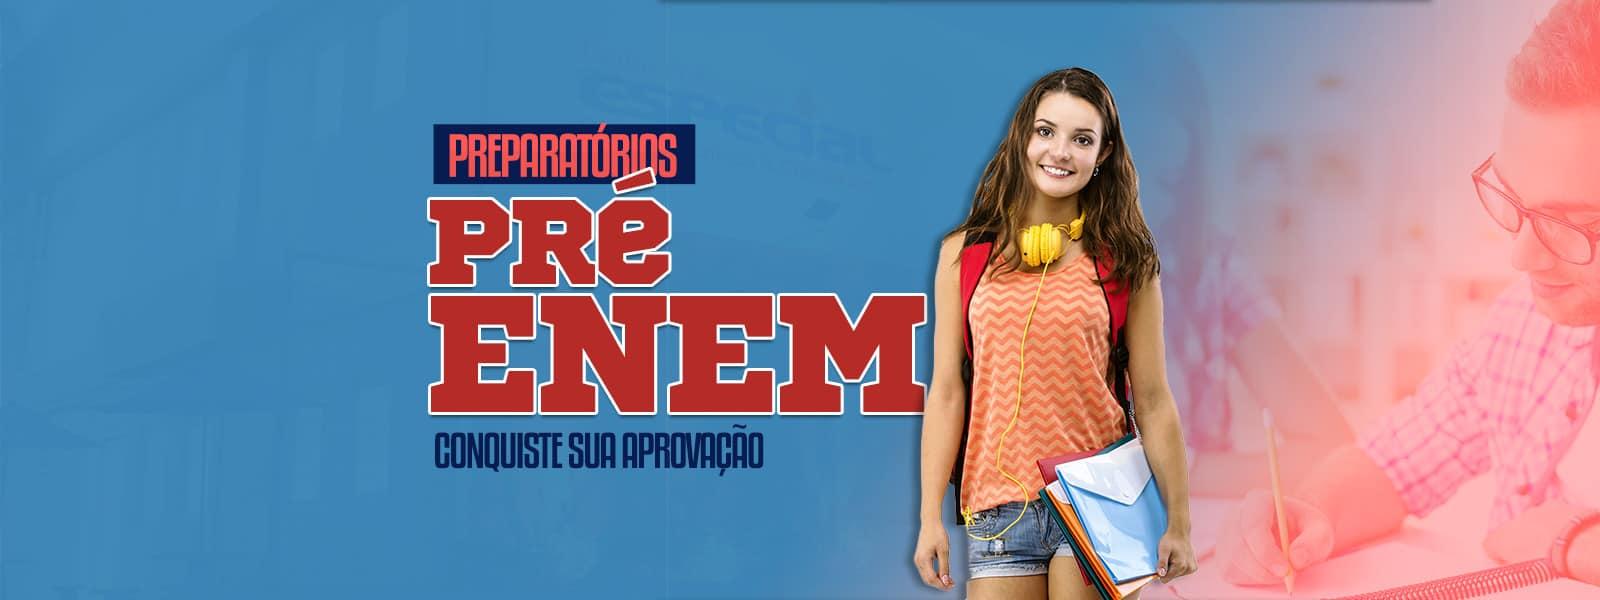 banners-site-2020-enem